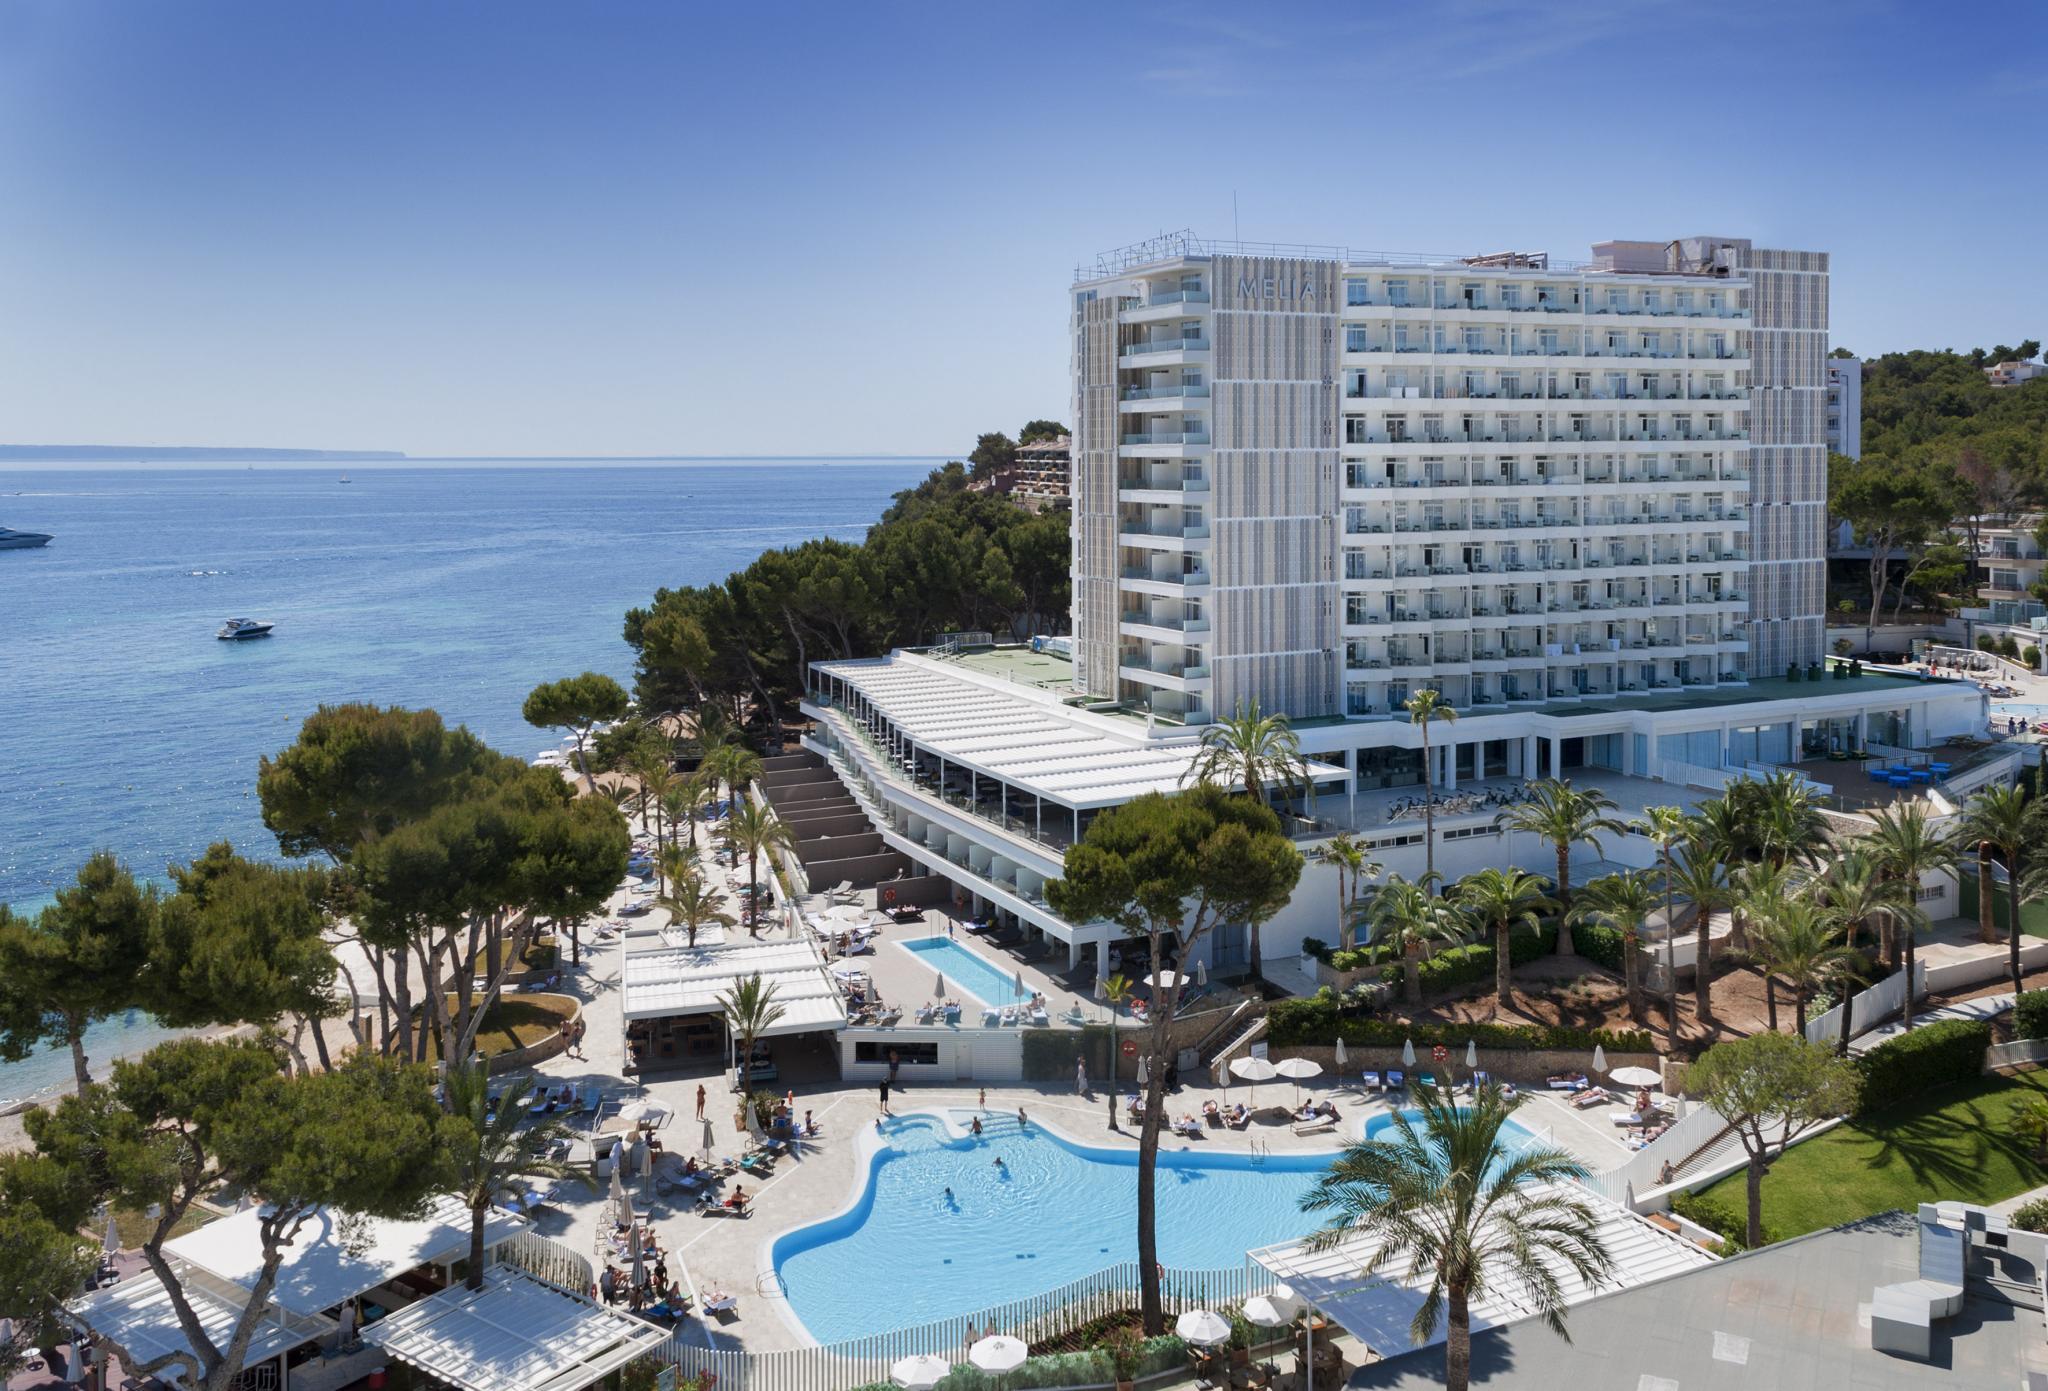 Melia Calvia Beach Hotel